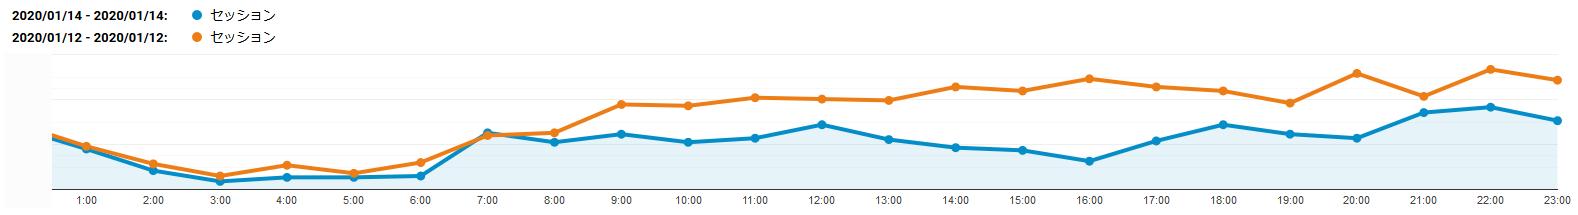 時間毎のセッション数の推移グラフ